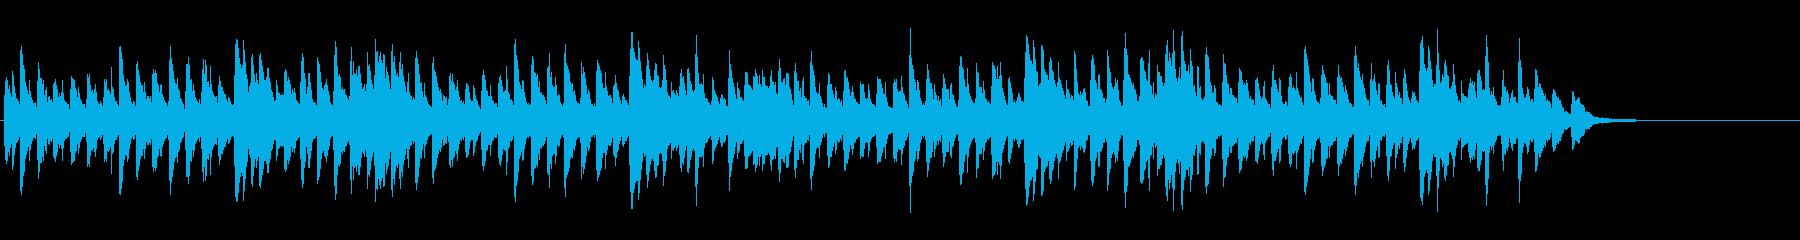 メヌエット BWV814(バッハ作曲)の再生済みの波形